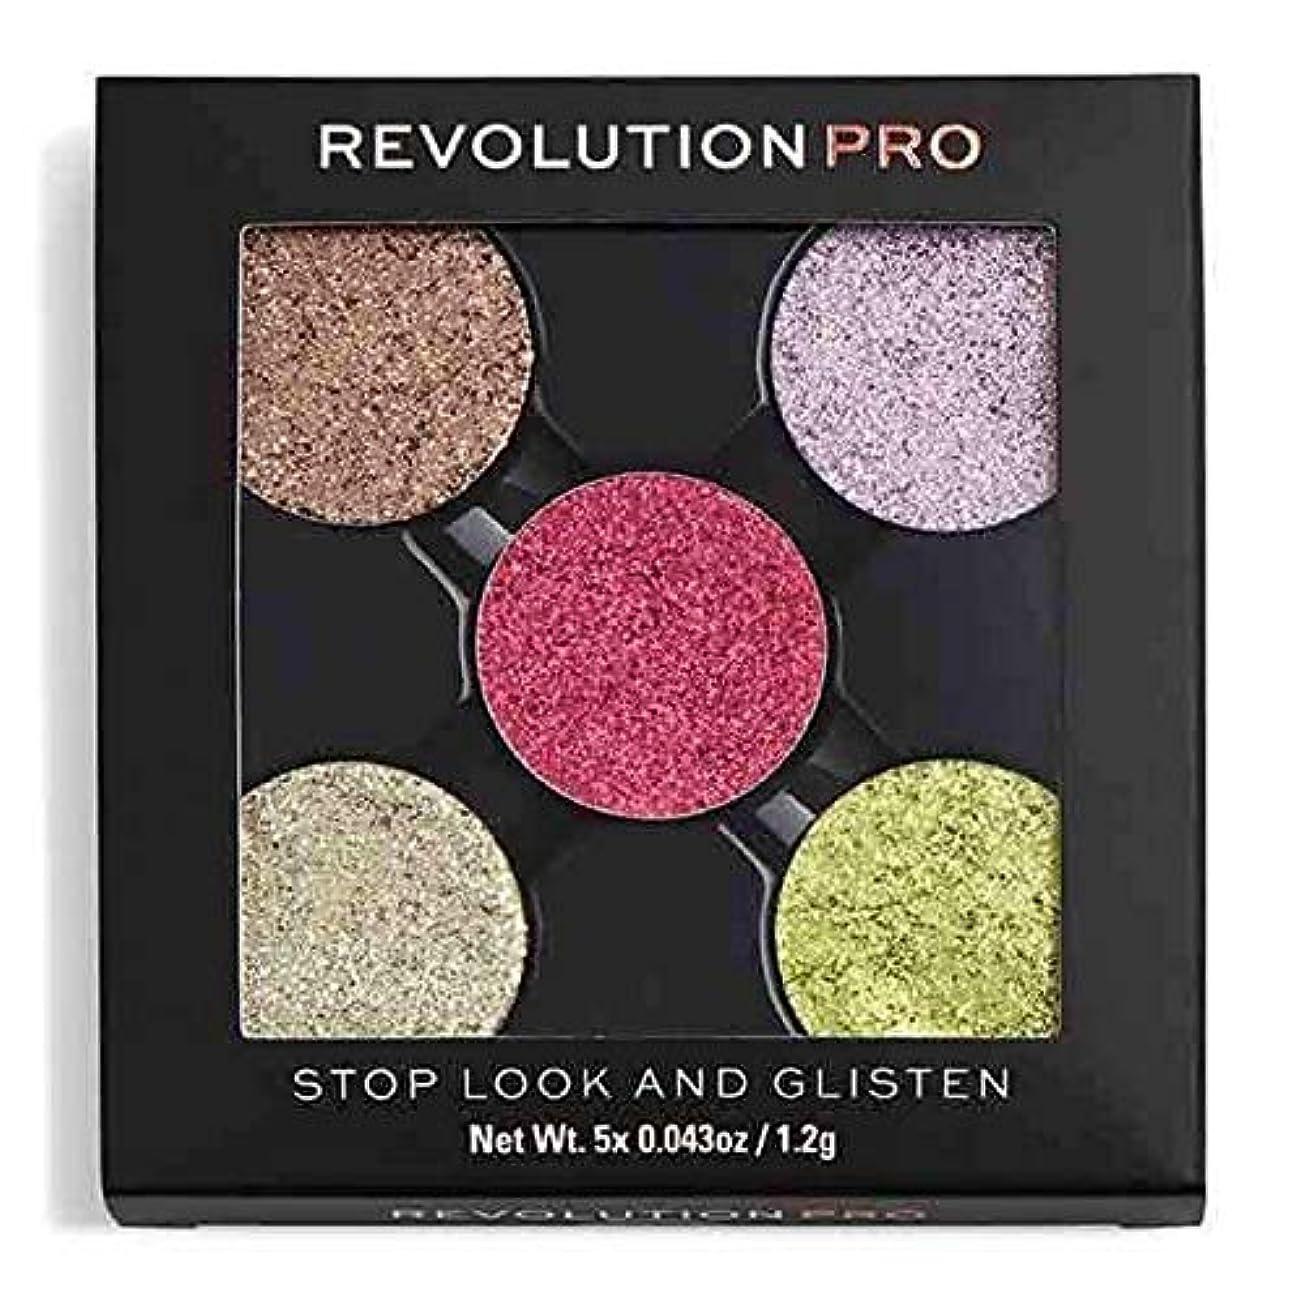 初心者燃料初心者[Revolution ] 革命のプロが見て、光る、キラキラパックストップを押します - Revolution Pro Pressed Glitter Pack Stop, Look and Glisten [並行輸入品]